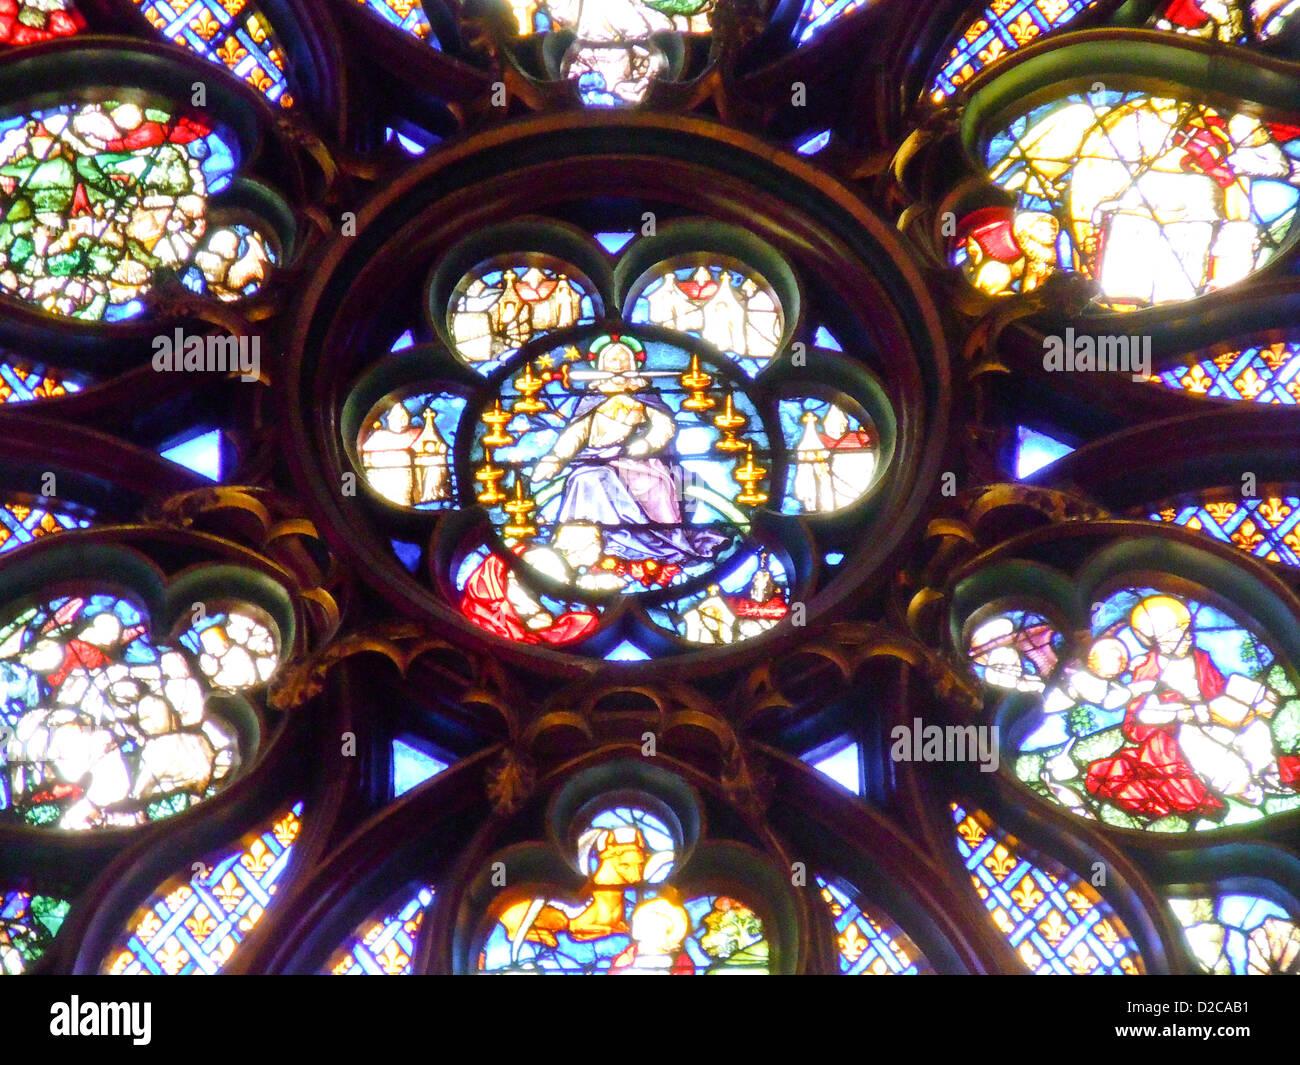 Rose Window Detail, Sainte Chapelle, Paris, France - Stock Image